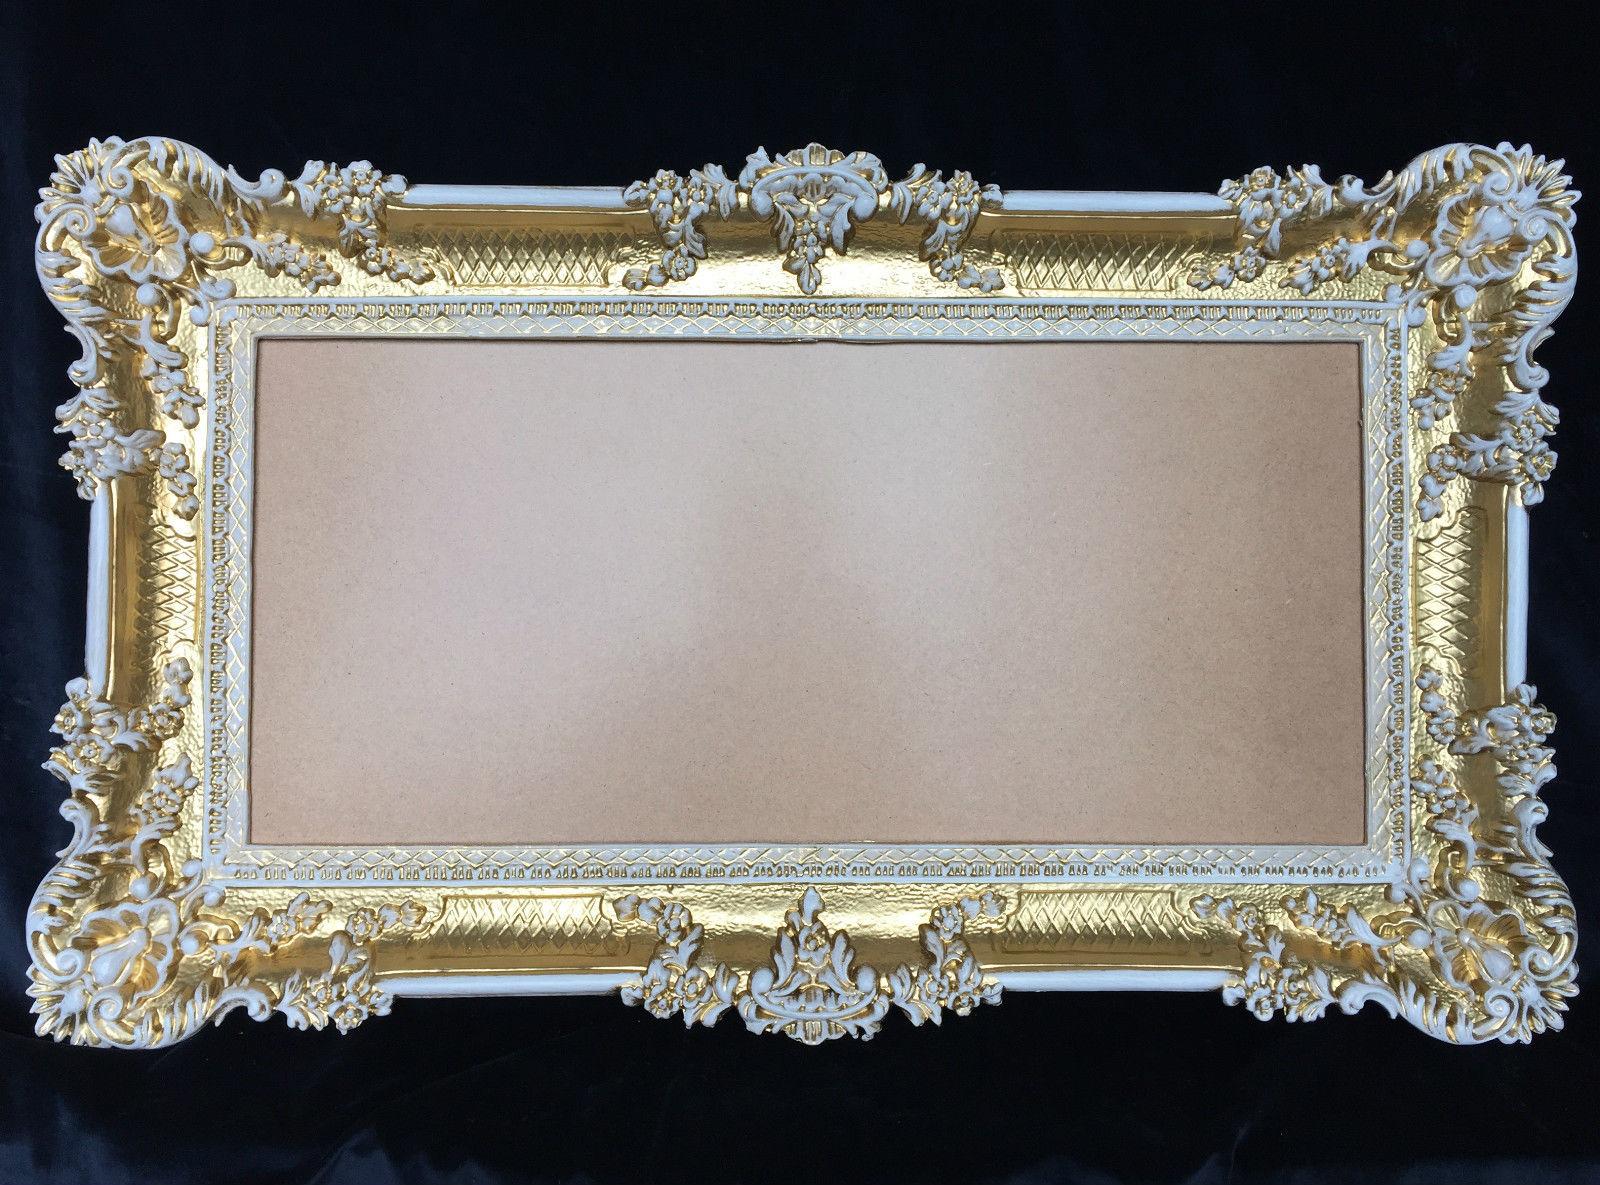 wei spiegel good top glasvitrine hngevitrine vitrine silber alu spiegel schaukasten glasboden x. Black Bedroom Furniture Sets. Home Design Ideas